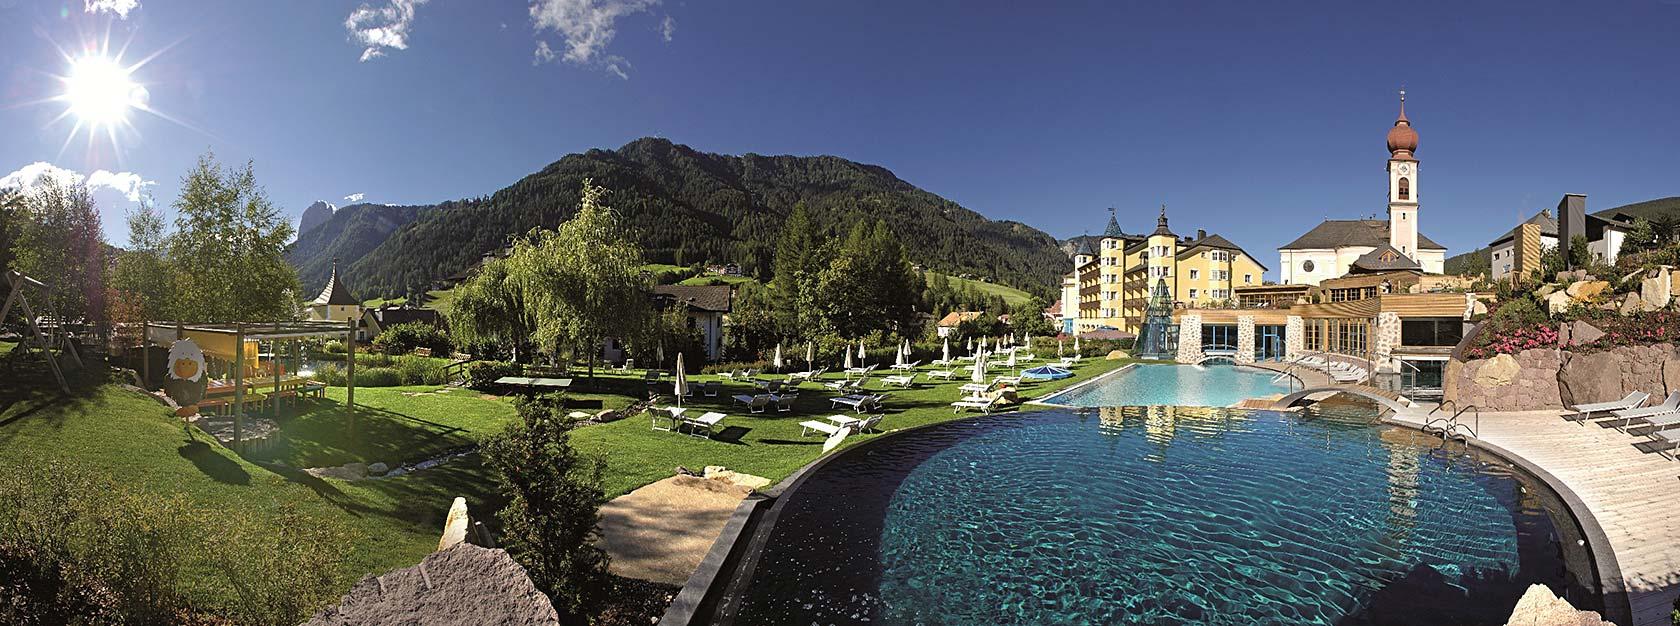 Adler dolomiti for Design wellnesshotel sudtirol